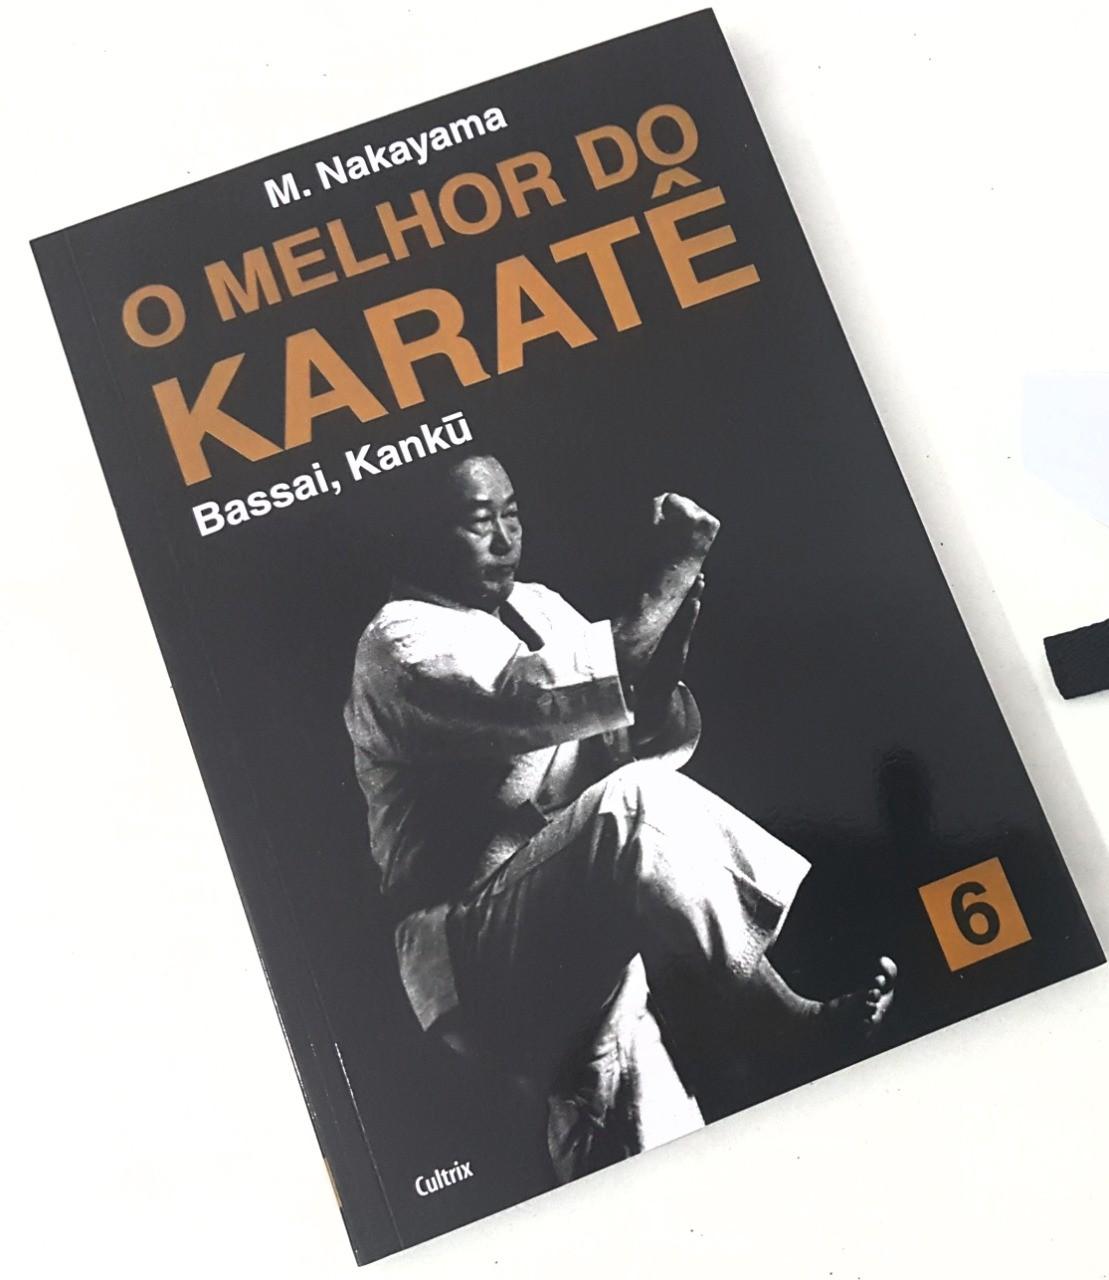 Livro Melhor do Karate Volume 6 - Bassai e Kanku